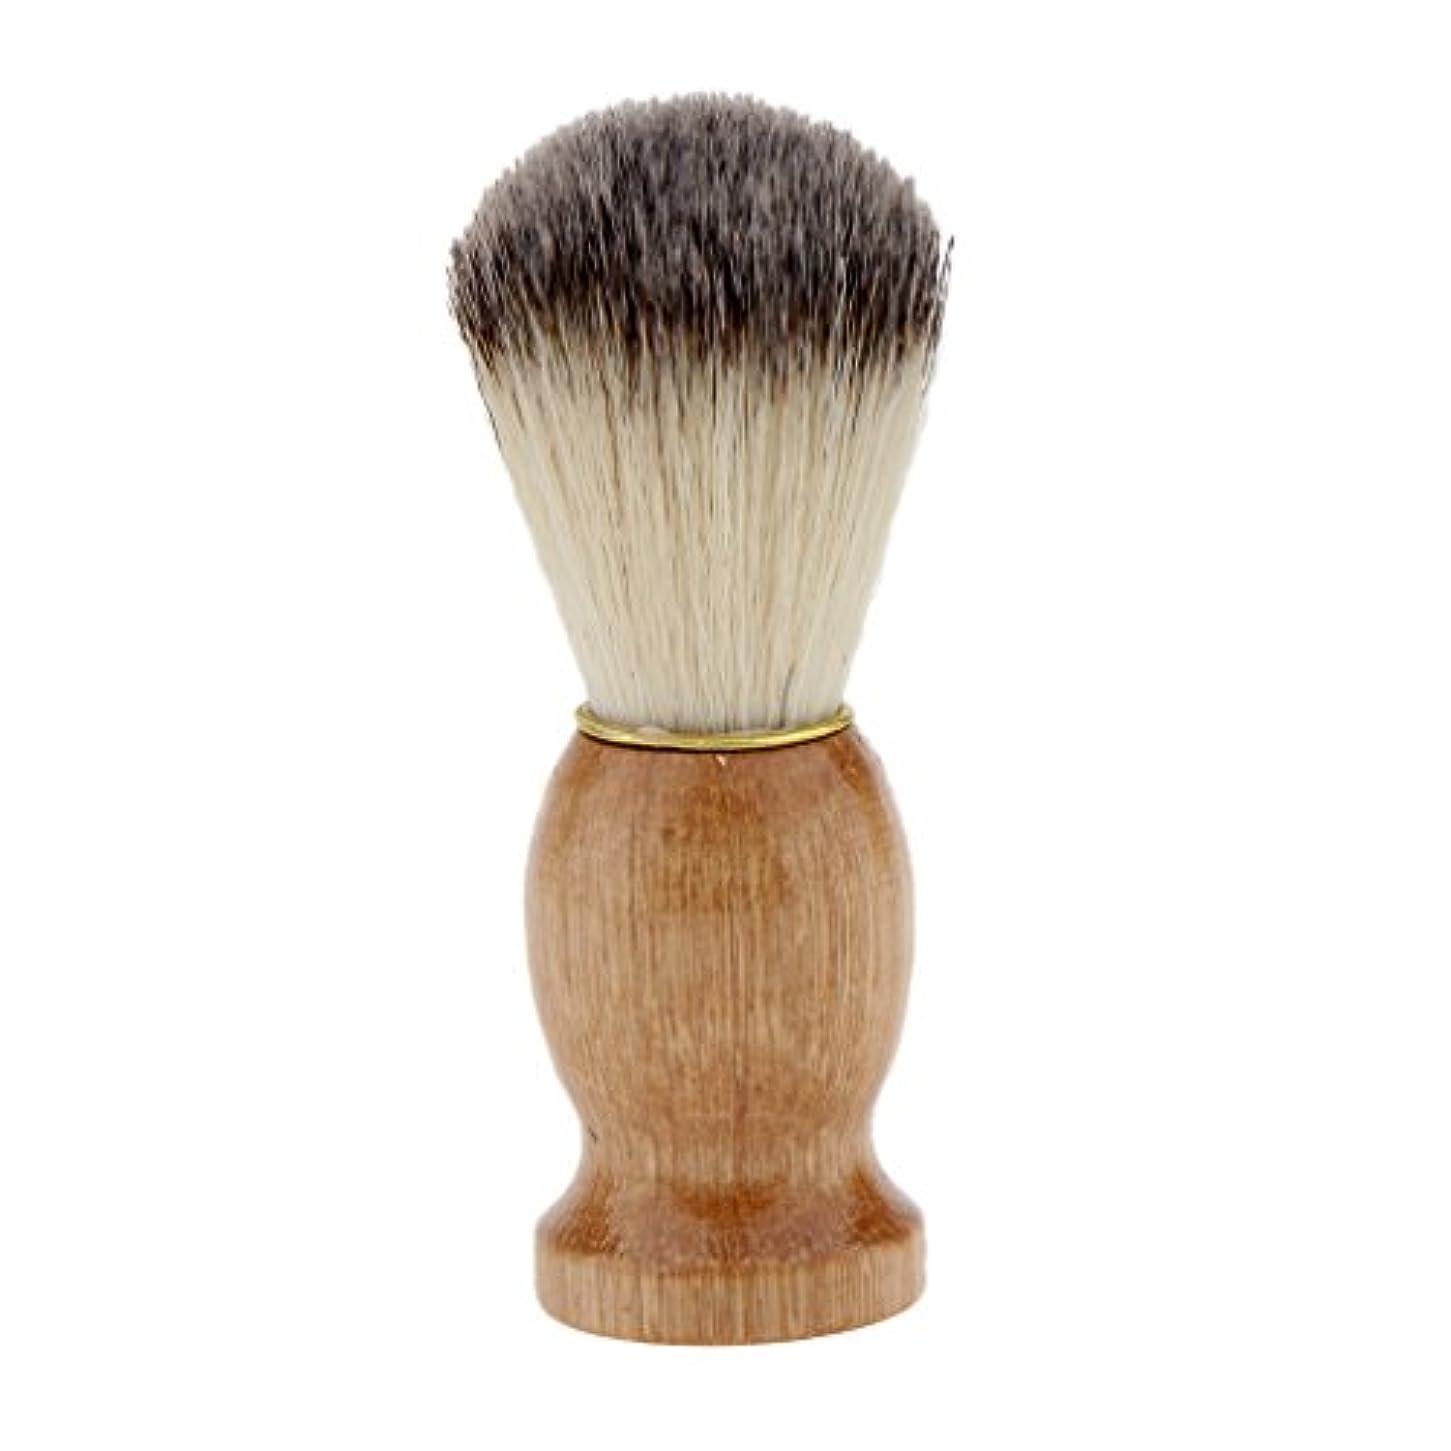 ワンダー昇進衰えるシェービングブラシ 木製ハンドル 男性 ひげ剃りブラシ ひげ クレンジング